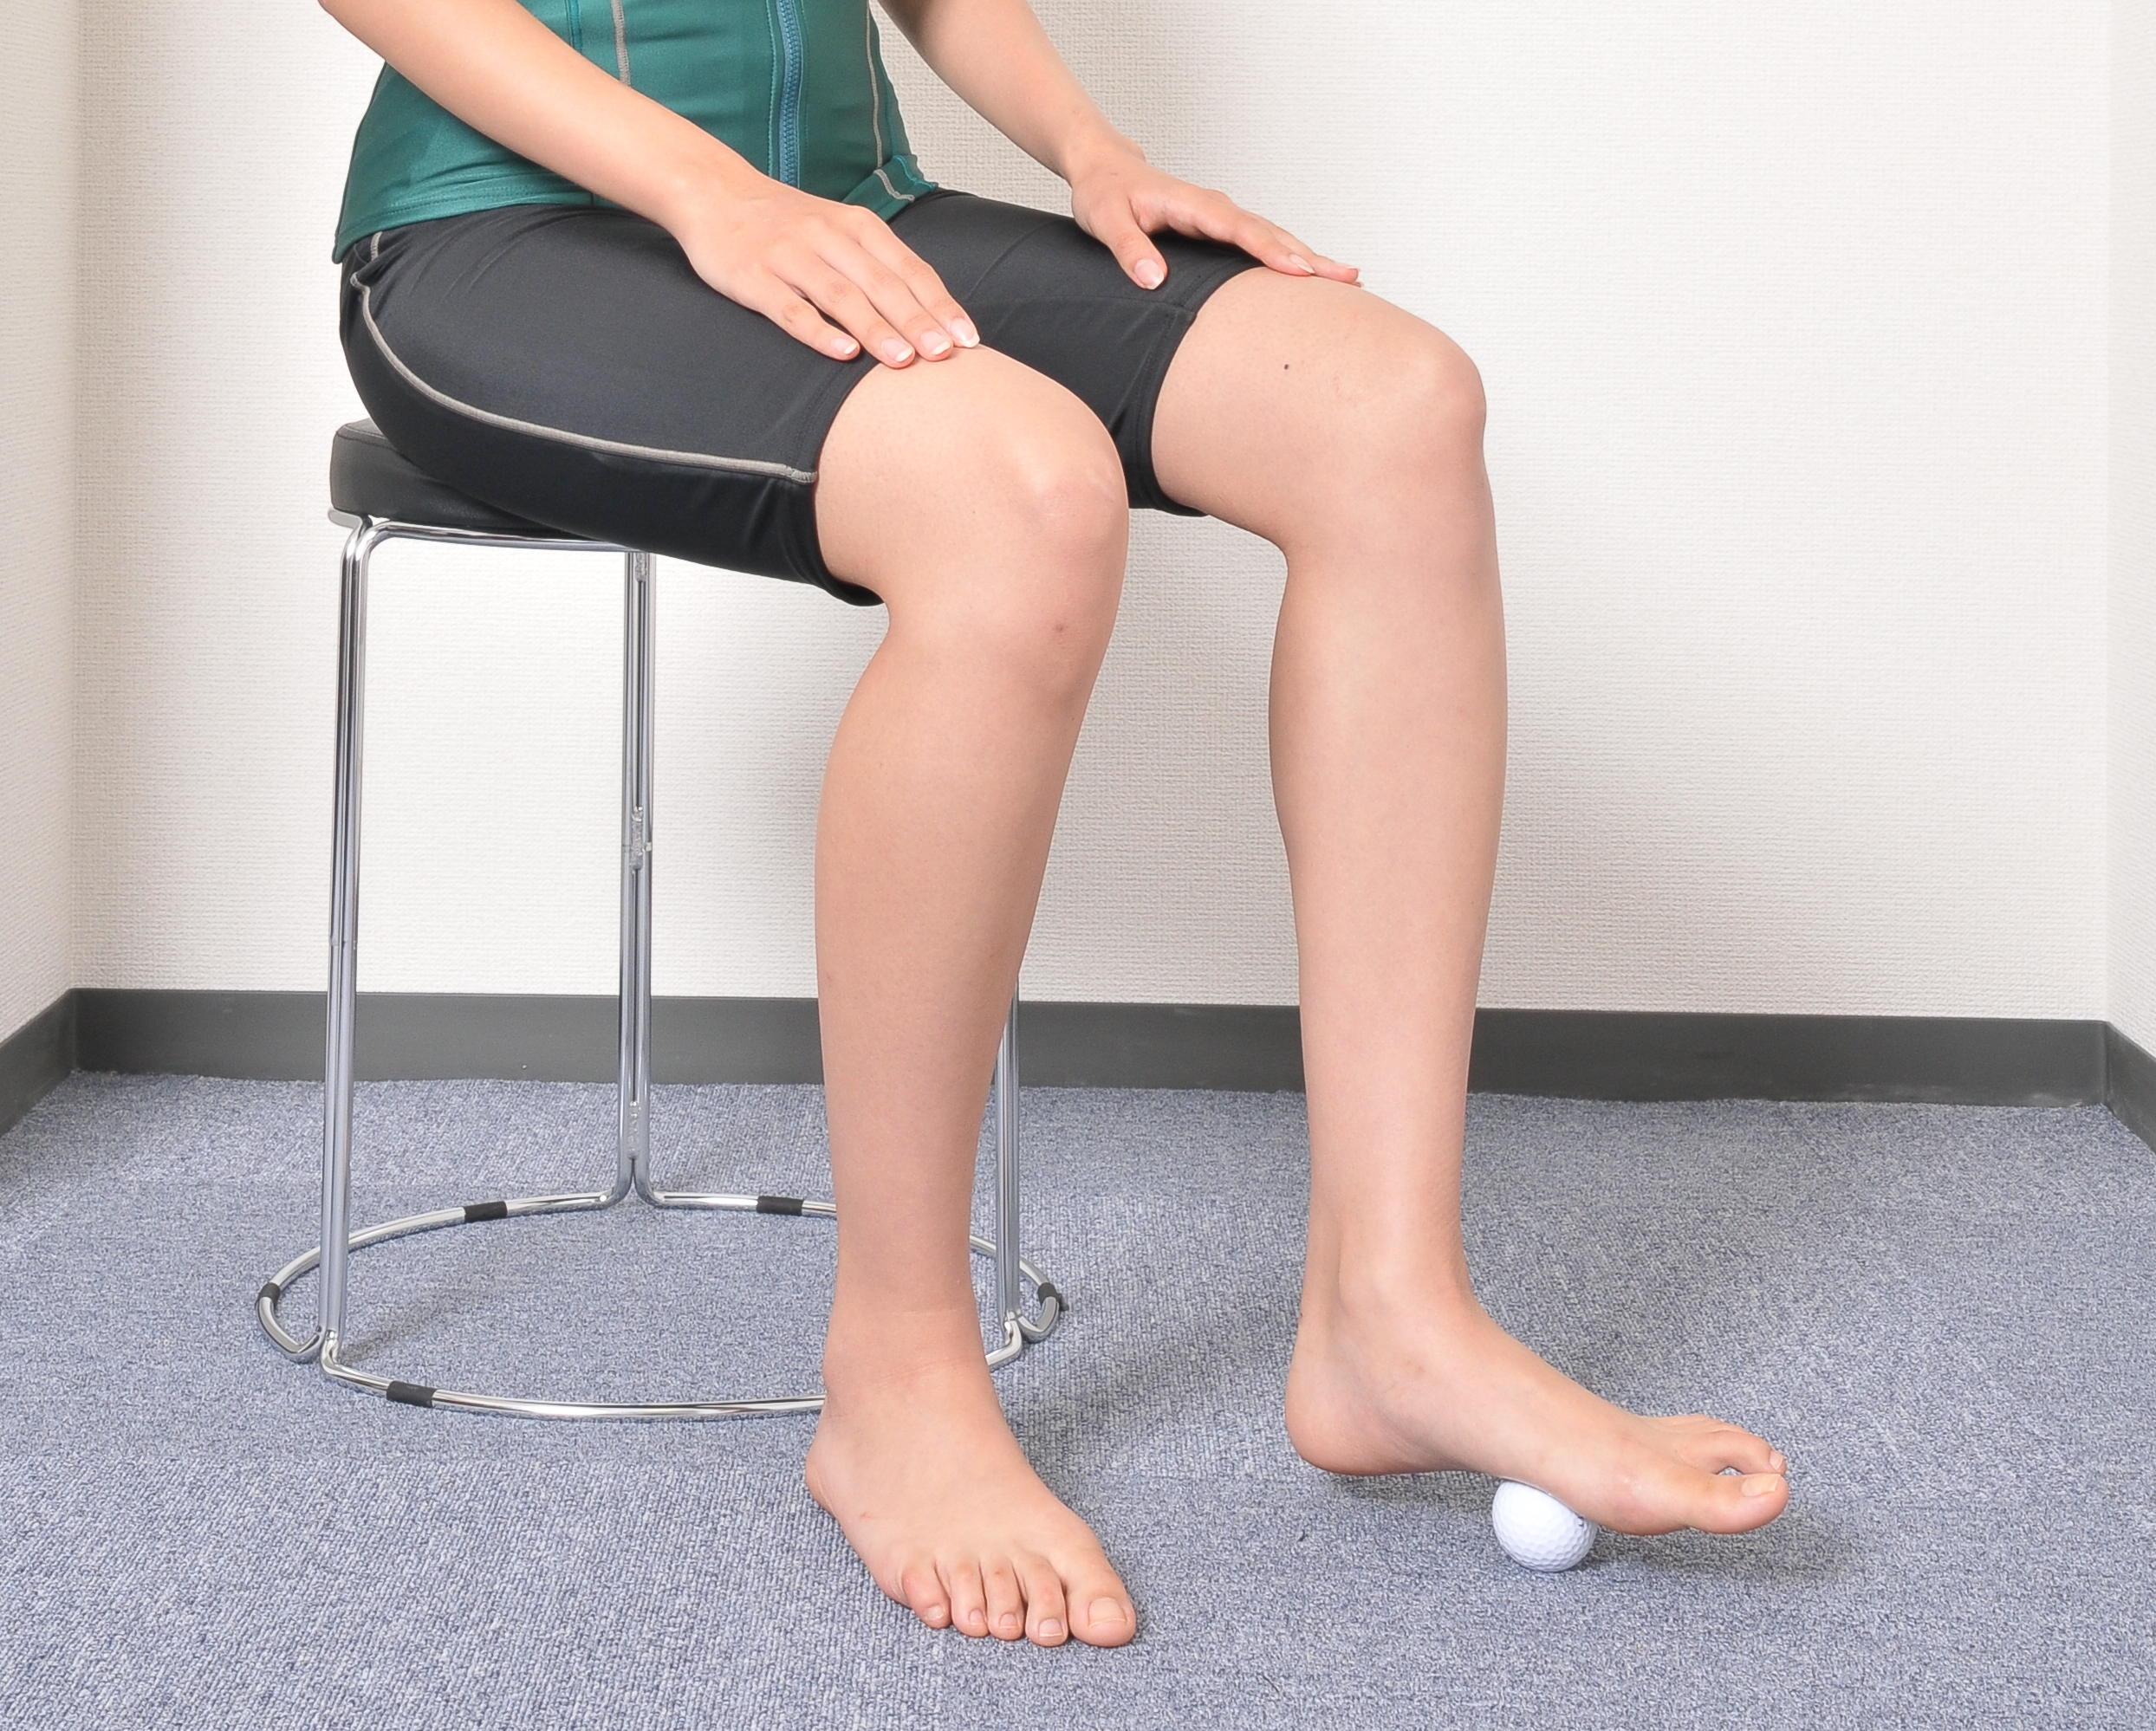 【ドクター清水の診療日記1】足裏のしびれ・違和感に「ゴルフボール押圧」